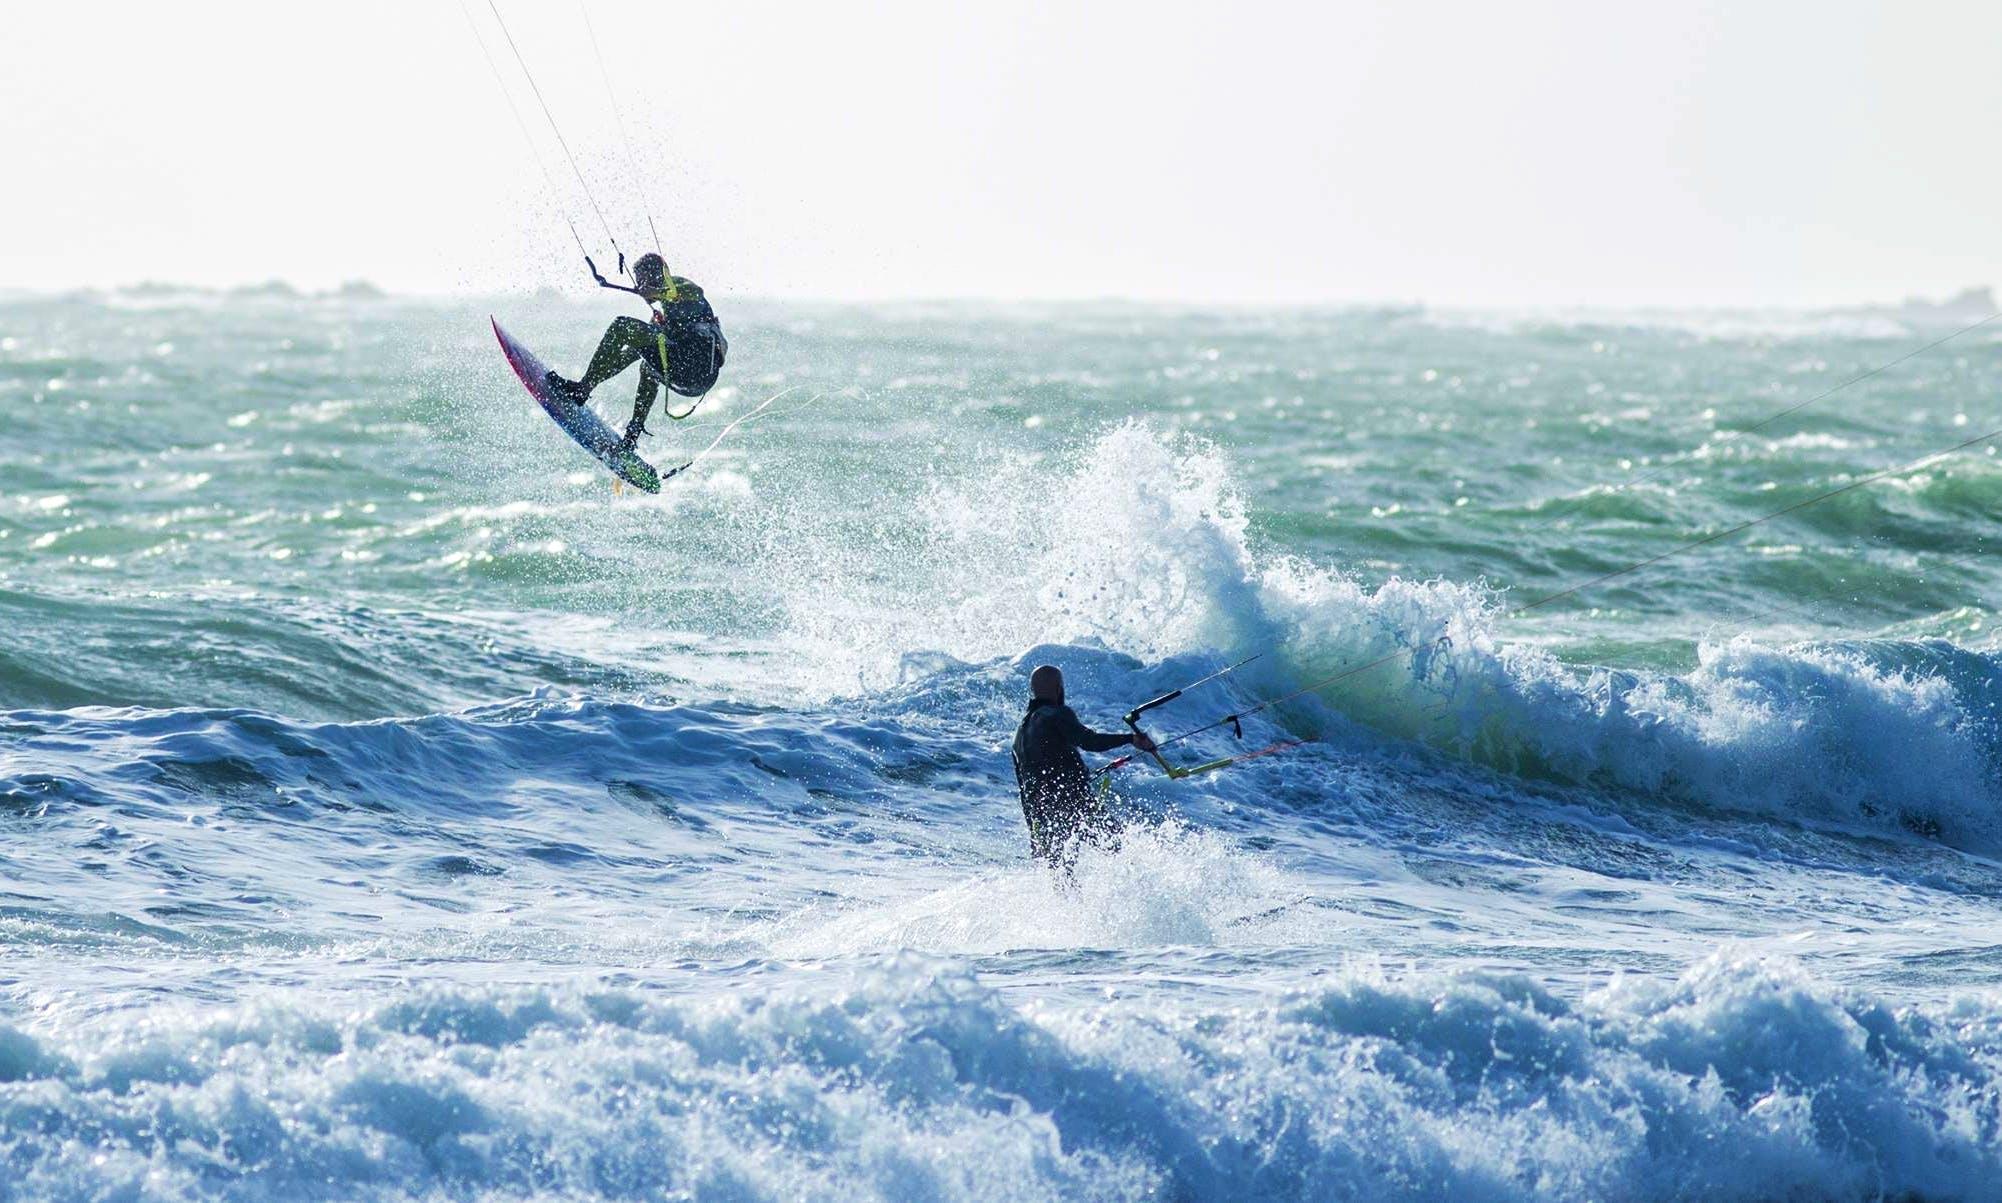 Kiteboarding in Chiclana de la Frontera, Spain